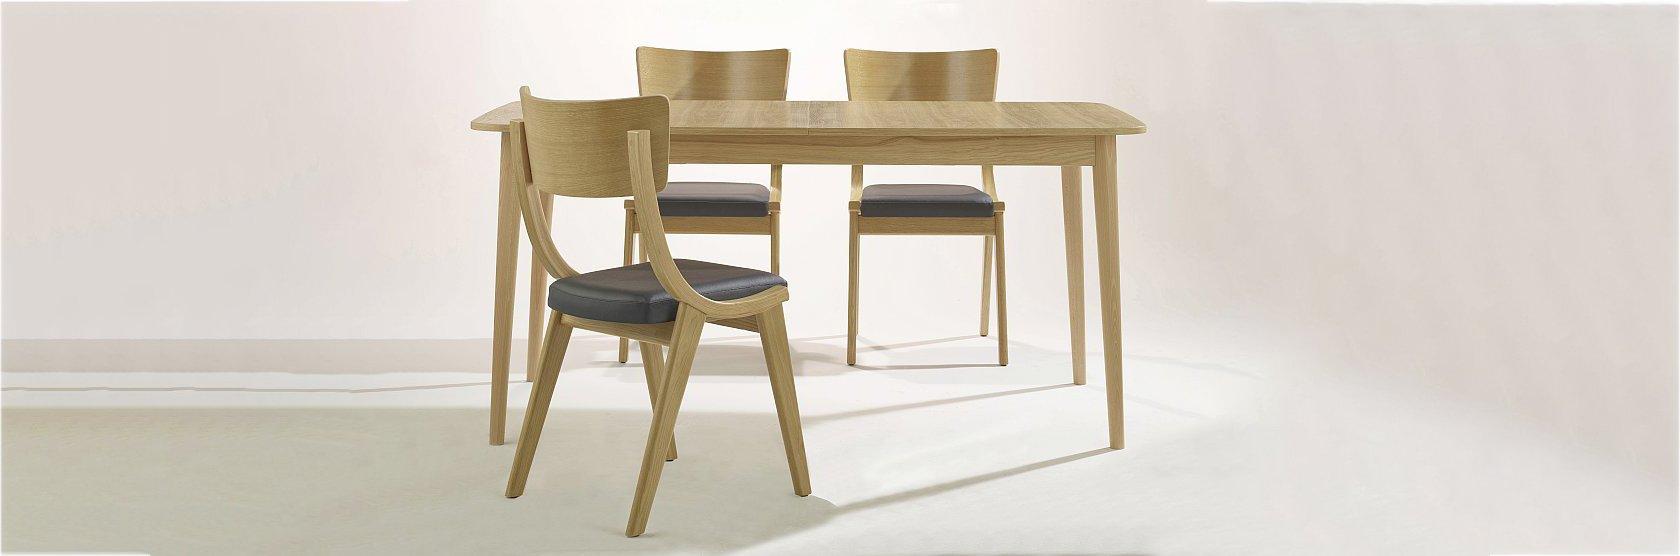 Stół ST-Bent i krzesła Bent-A